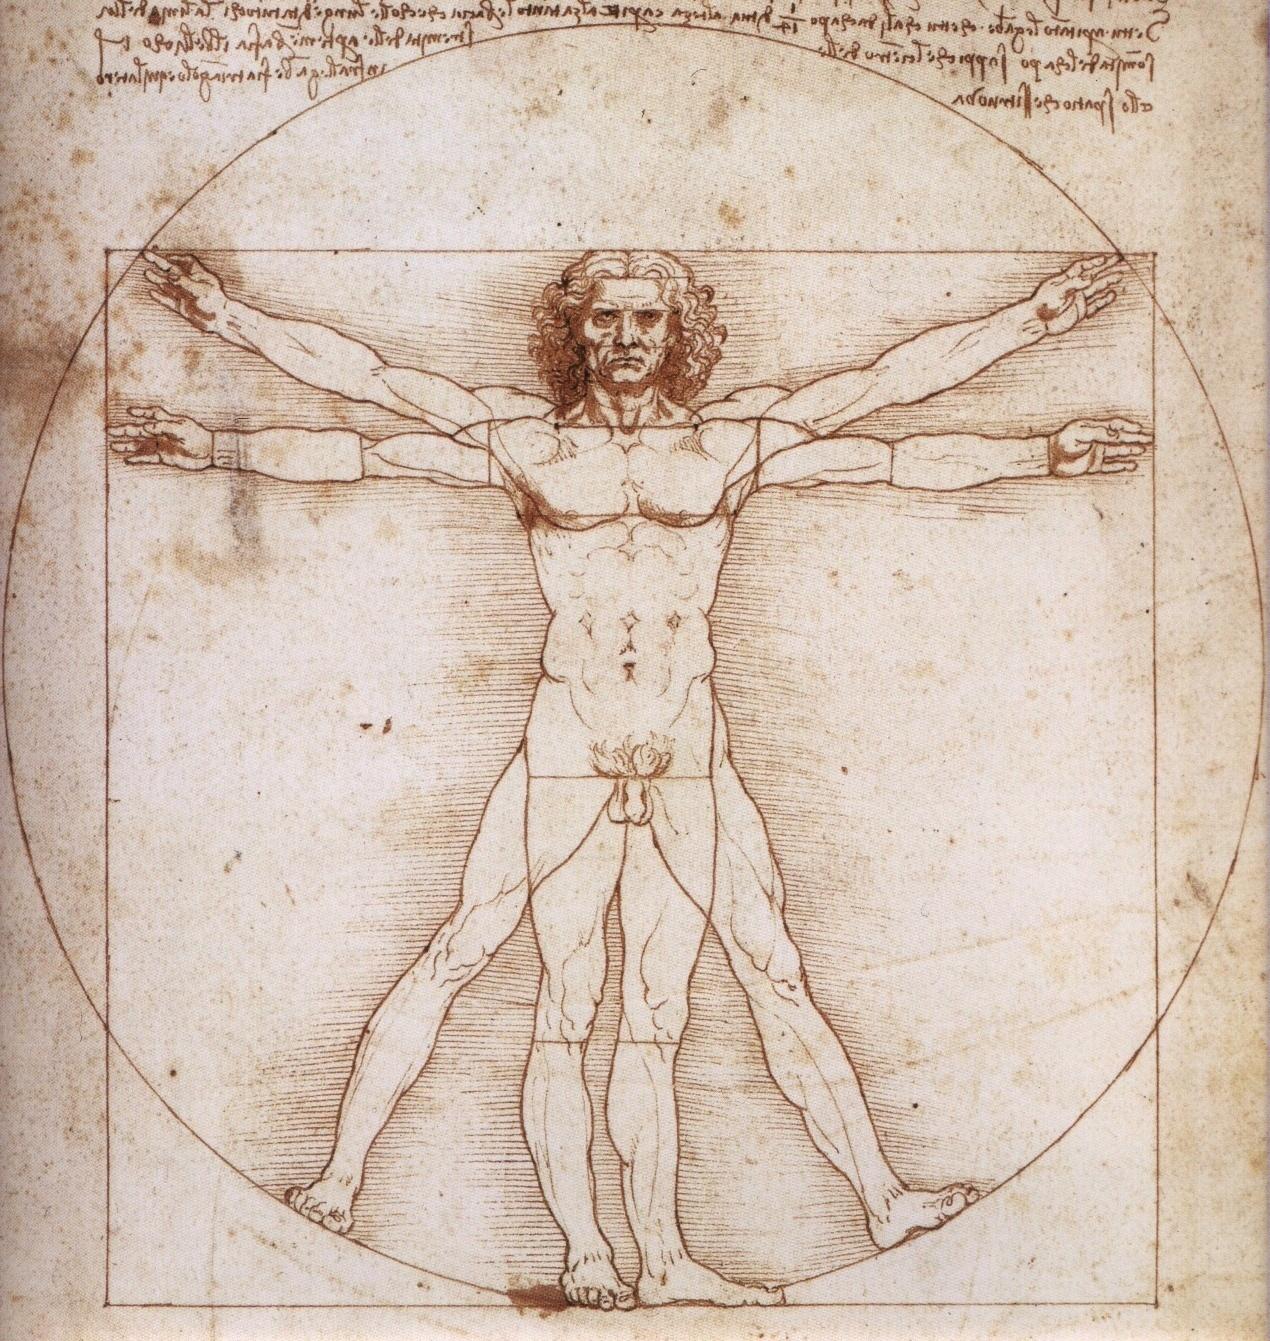 Asombroso Anatomía Masculina Dibujo Adorno - Imágenes de Anatomía ...